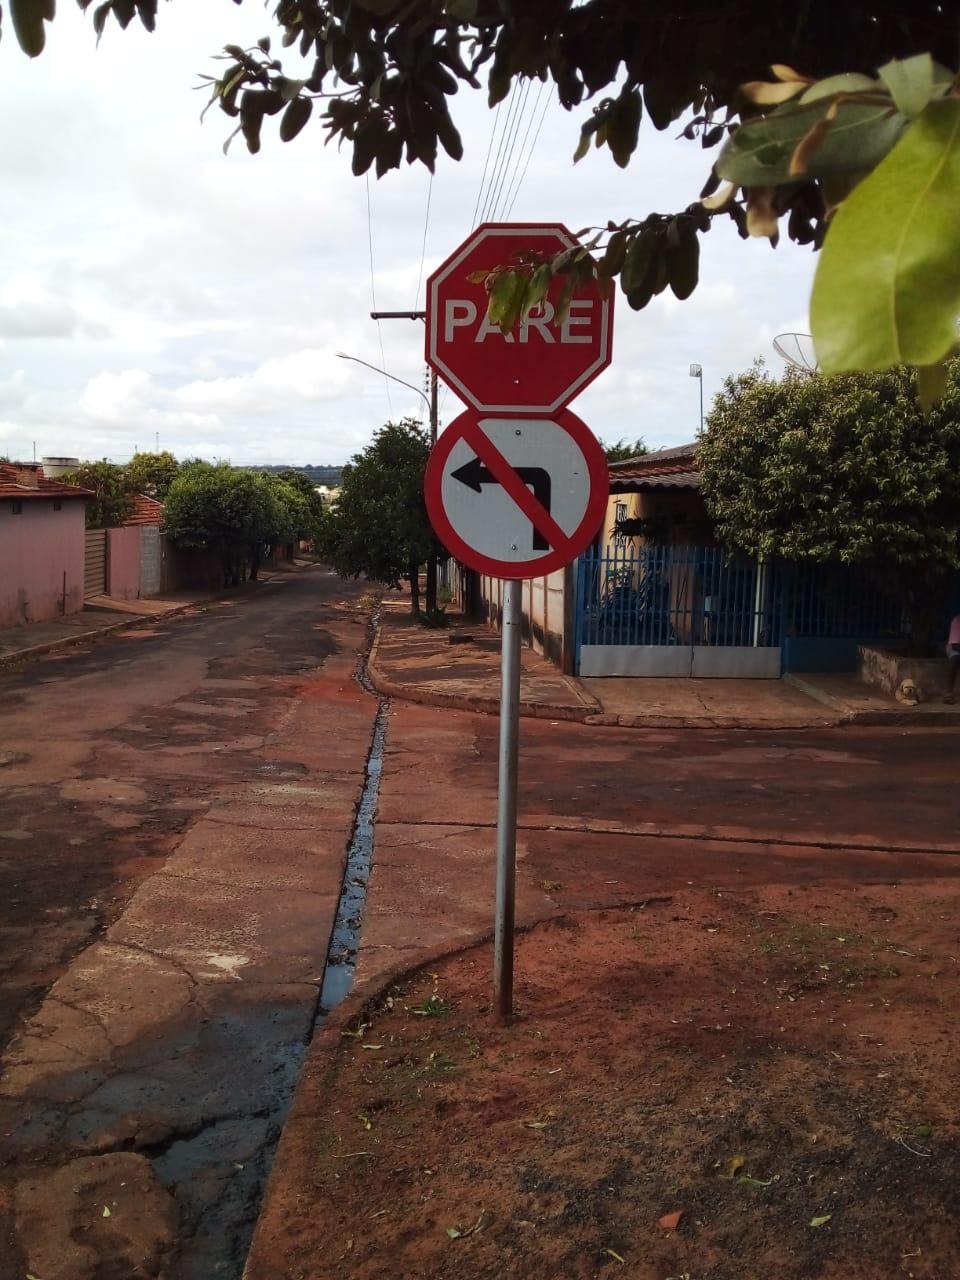 Demutran informa mudança do sentido de via no Jardim Campo Grande